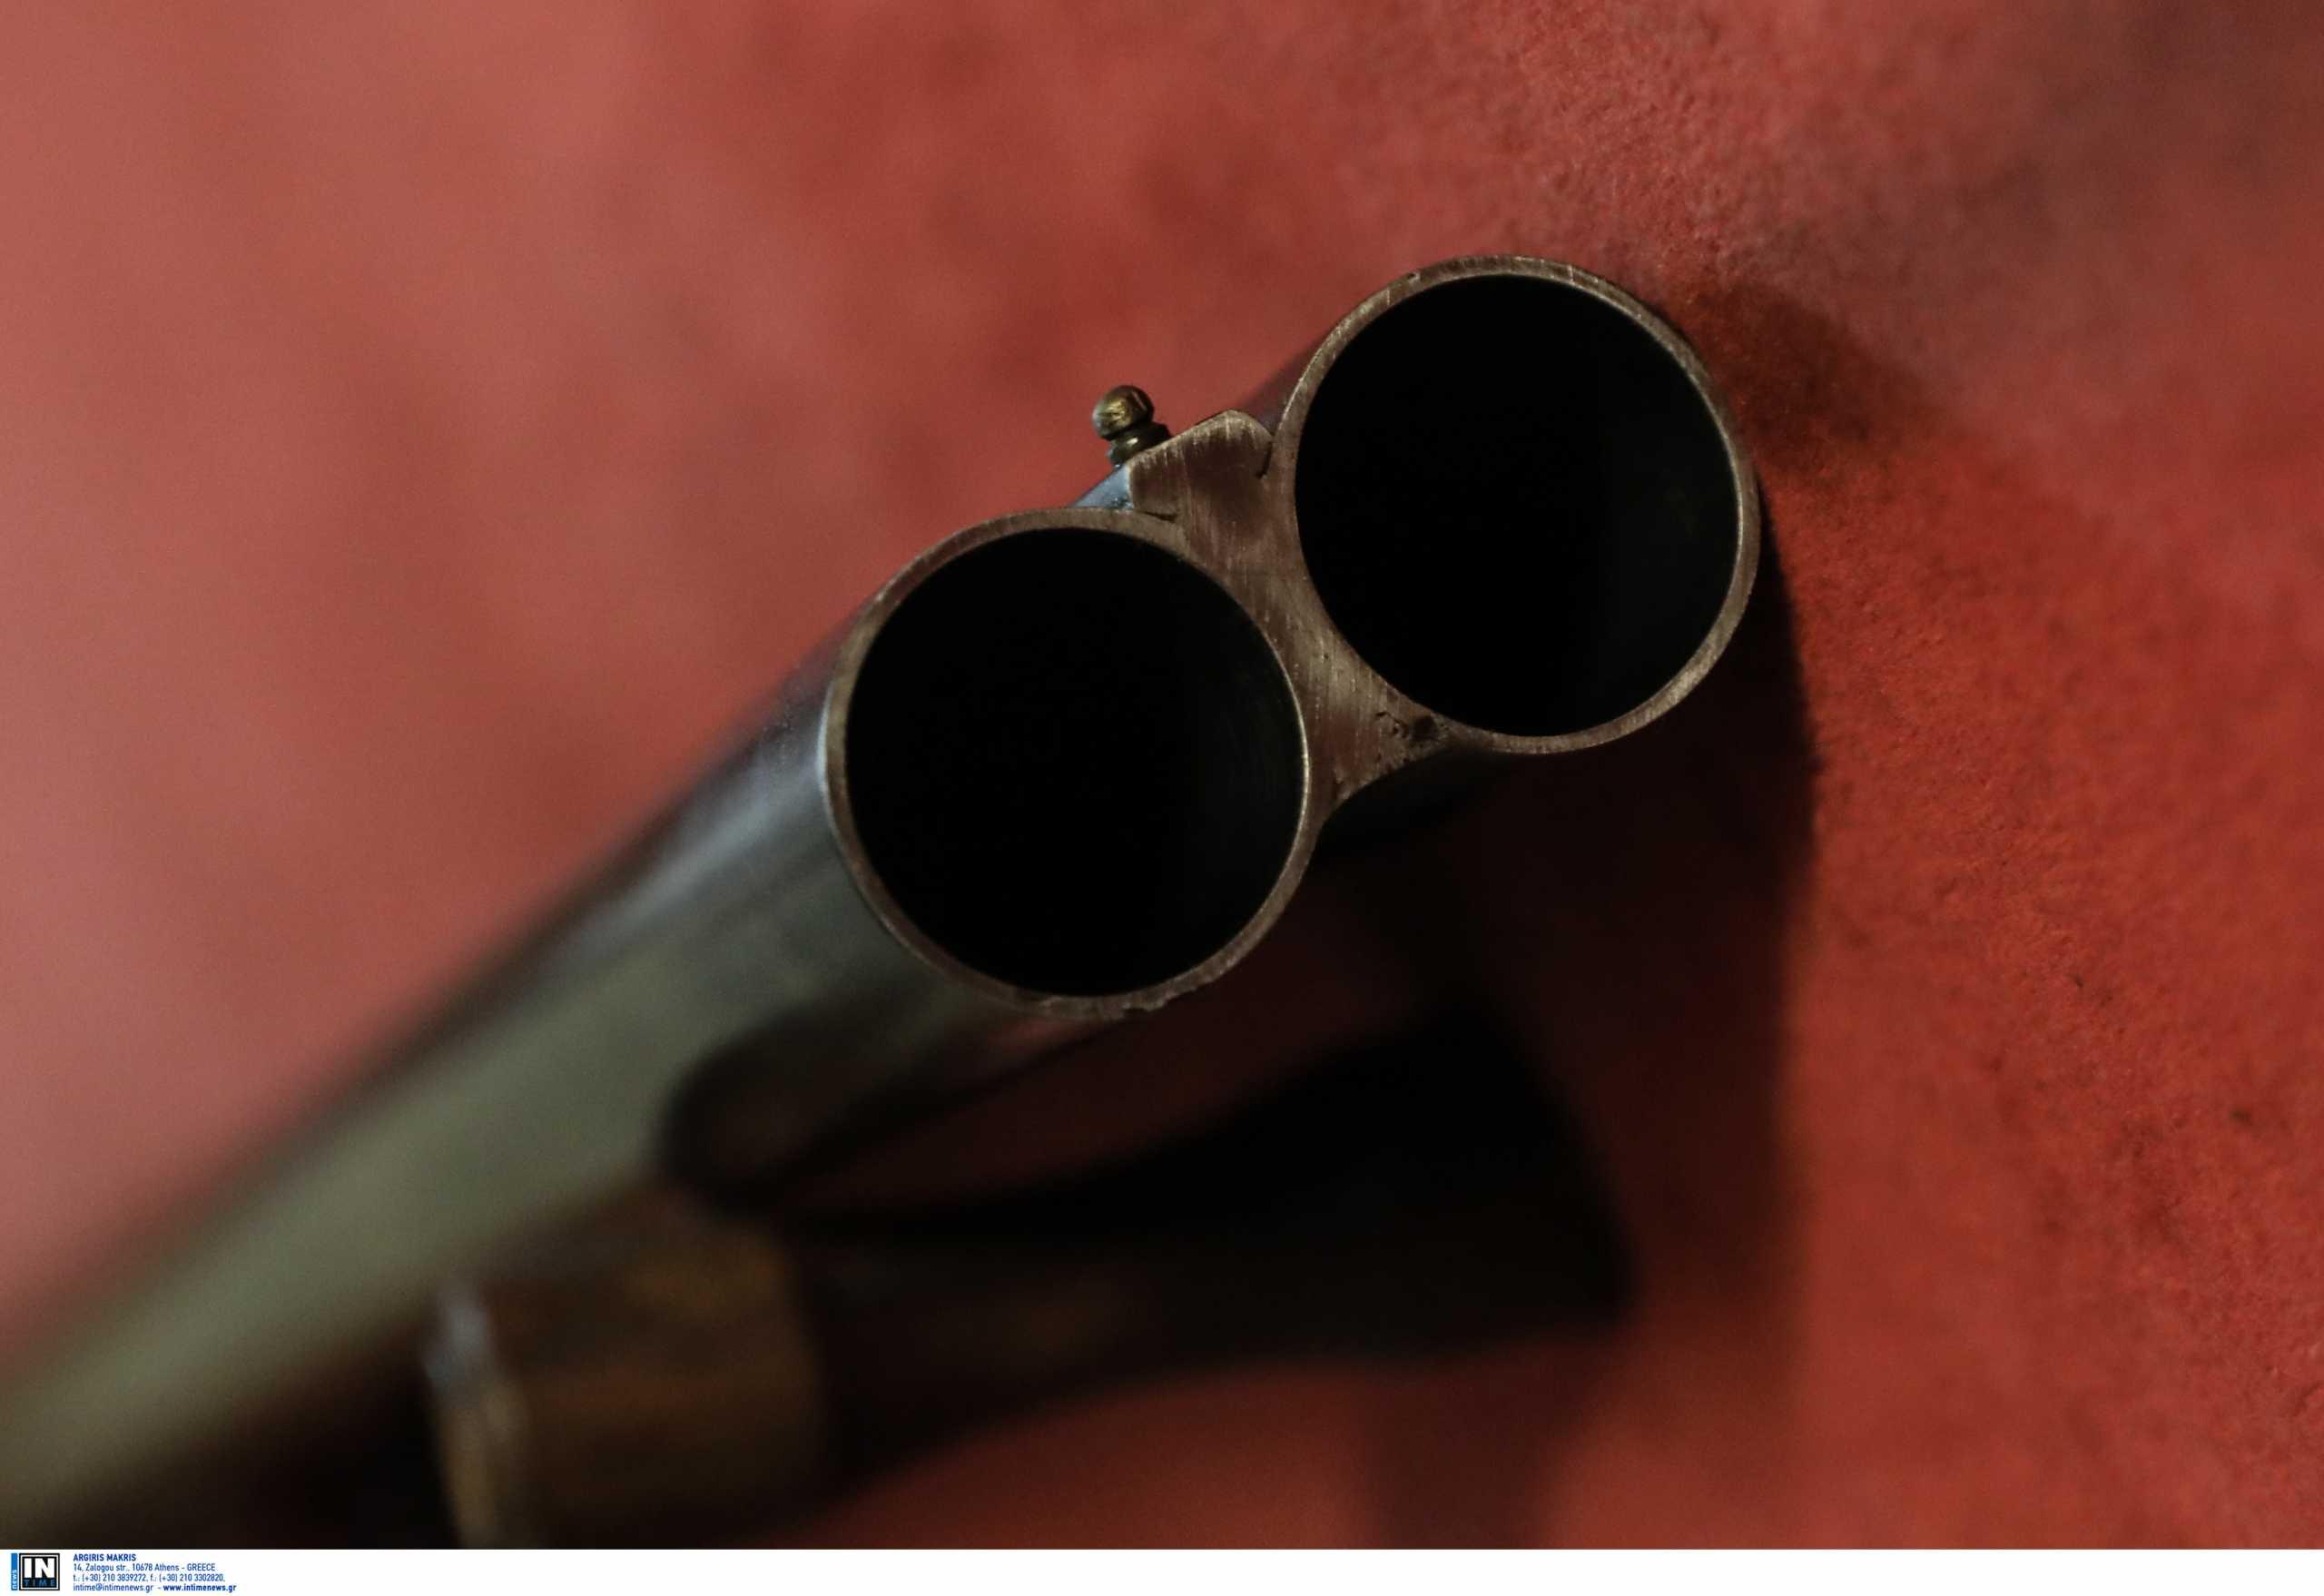 Επεισόδιο με πυροβολισμούς στα Χανιά – Τραυματίστηκε μία γυναίκα